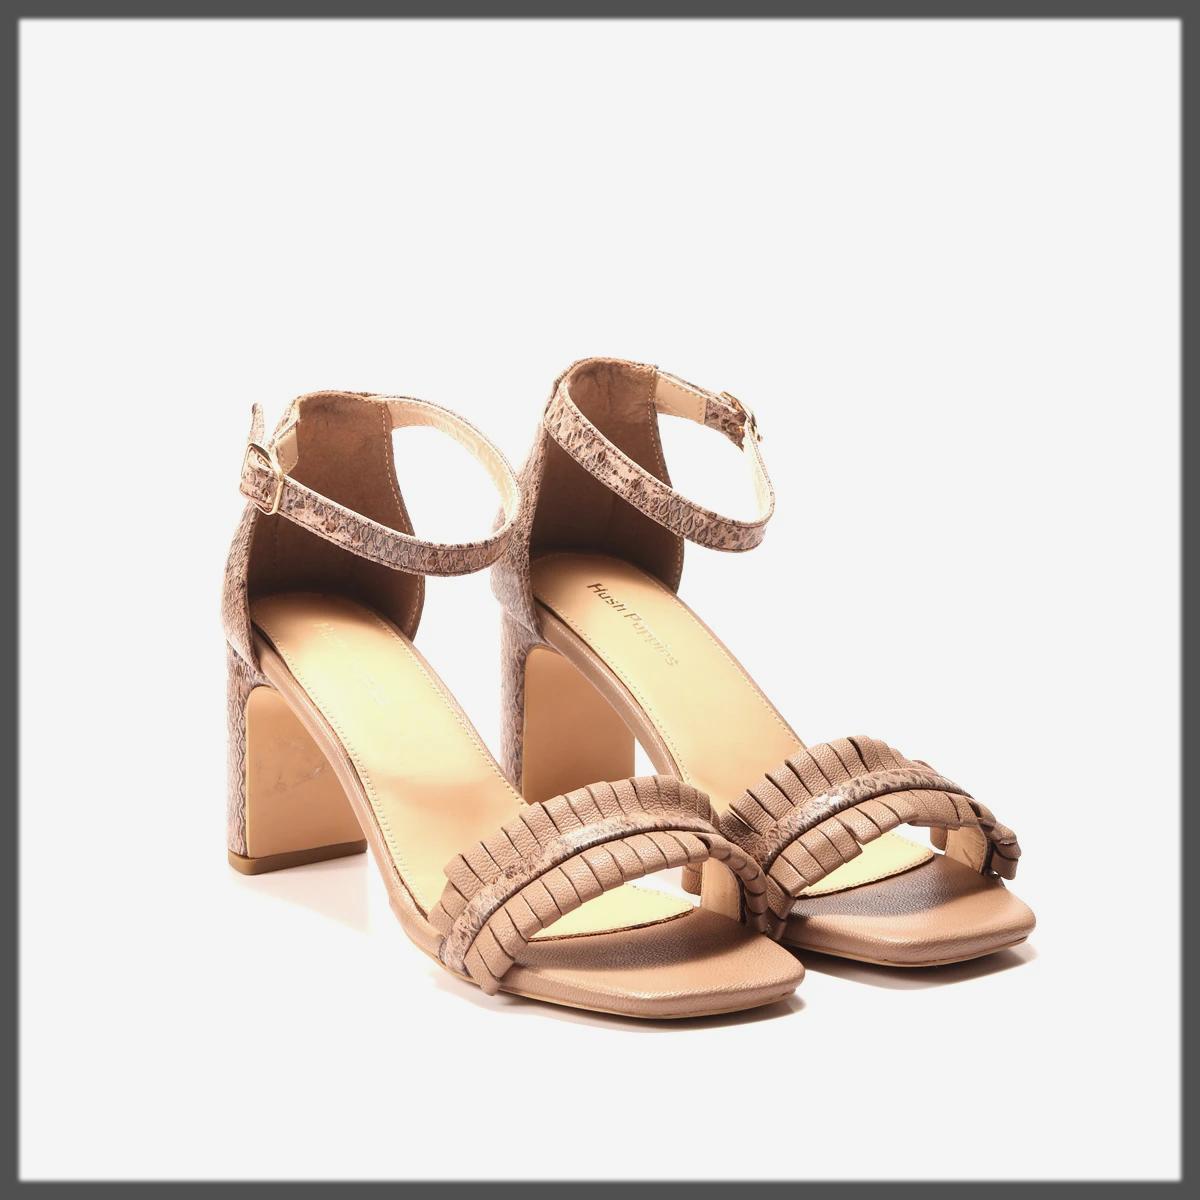 classy summer footwear for ladies